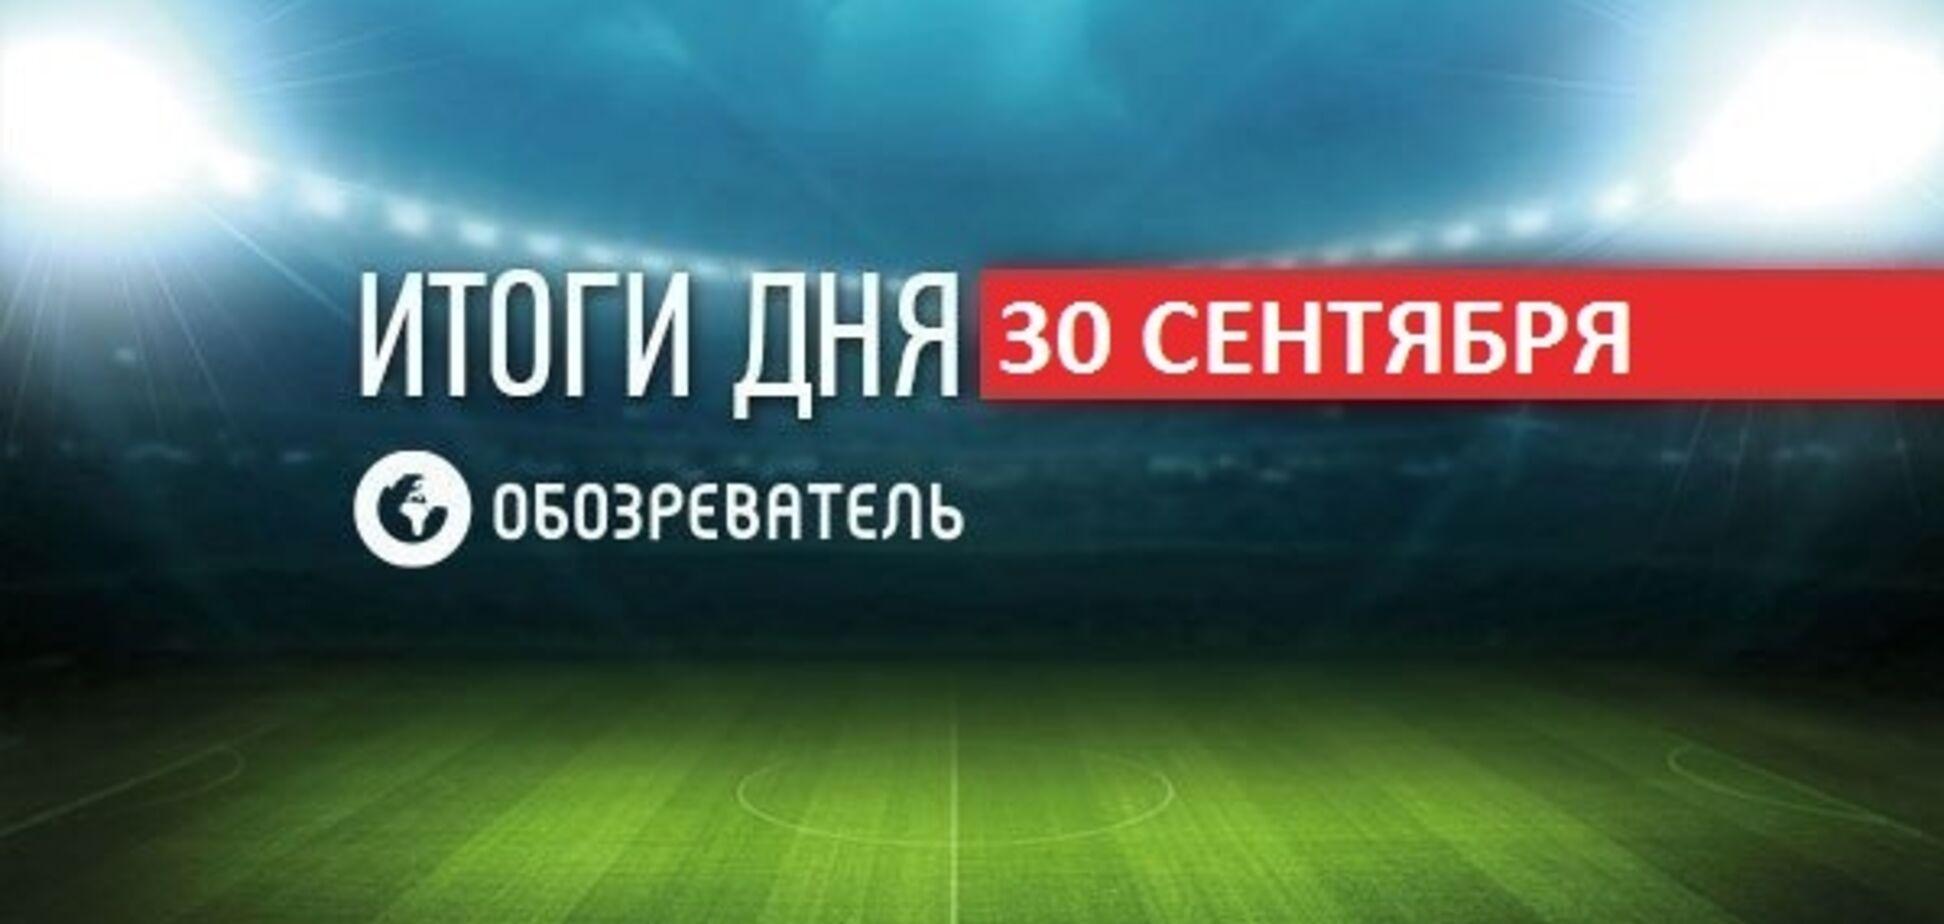 ЗМІ дізналися про нову роботу Шевченка: спортивні підсумки 30 вересня